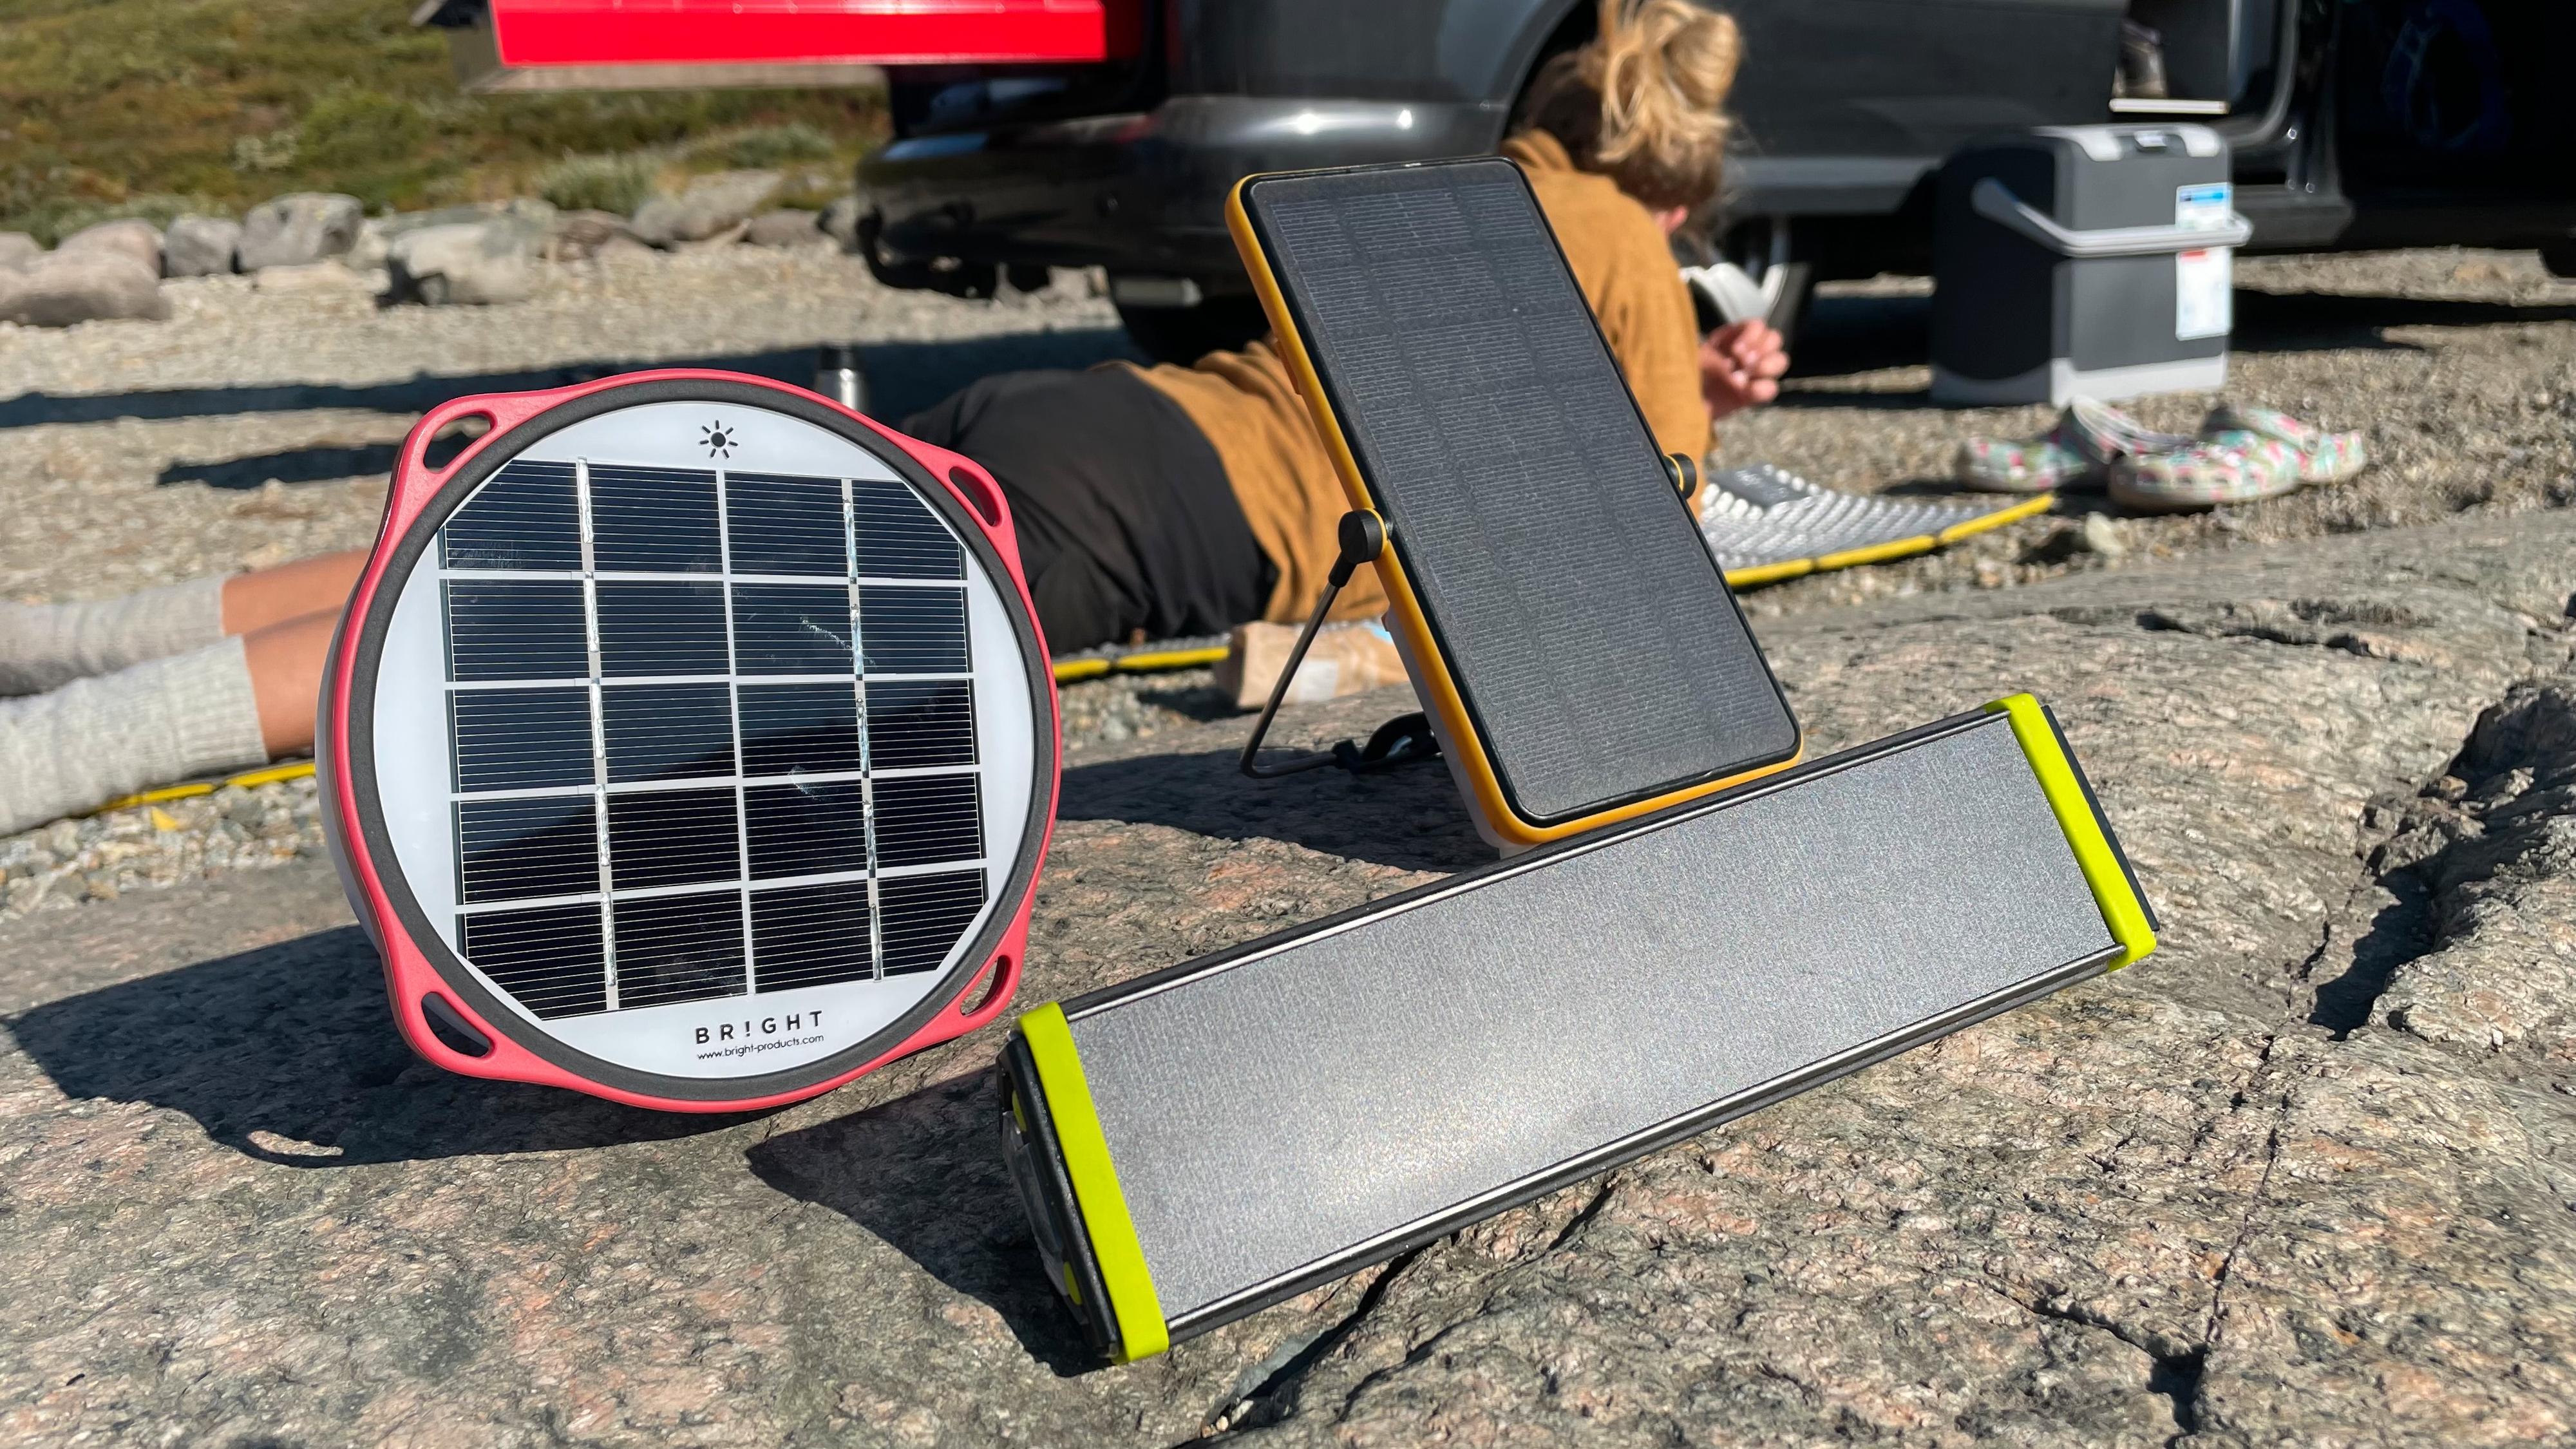 Vi har testet: Solcellelamper med nødlader ment for tur